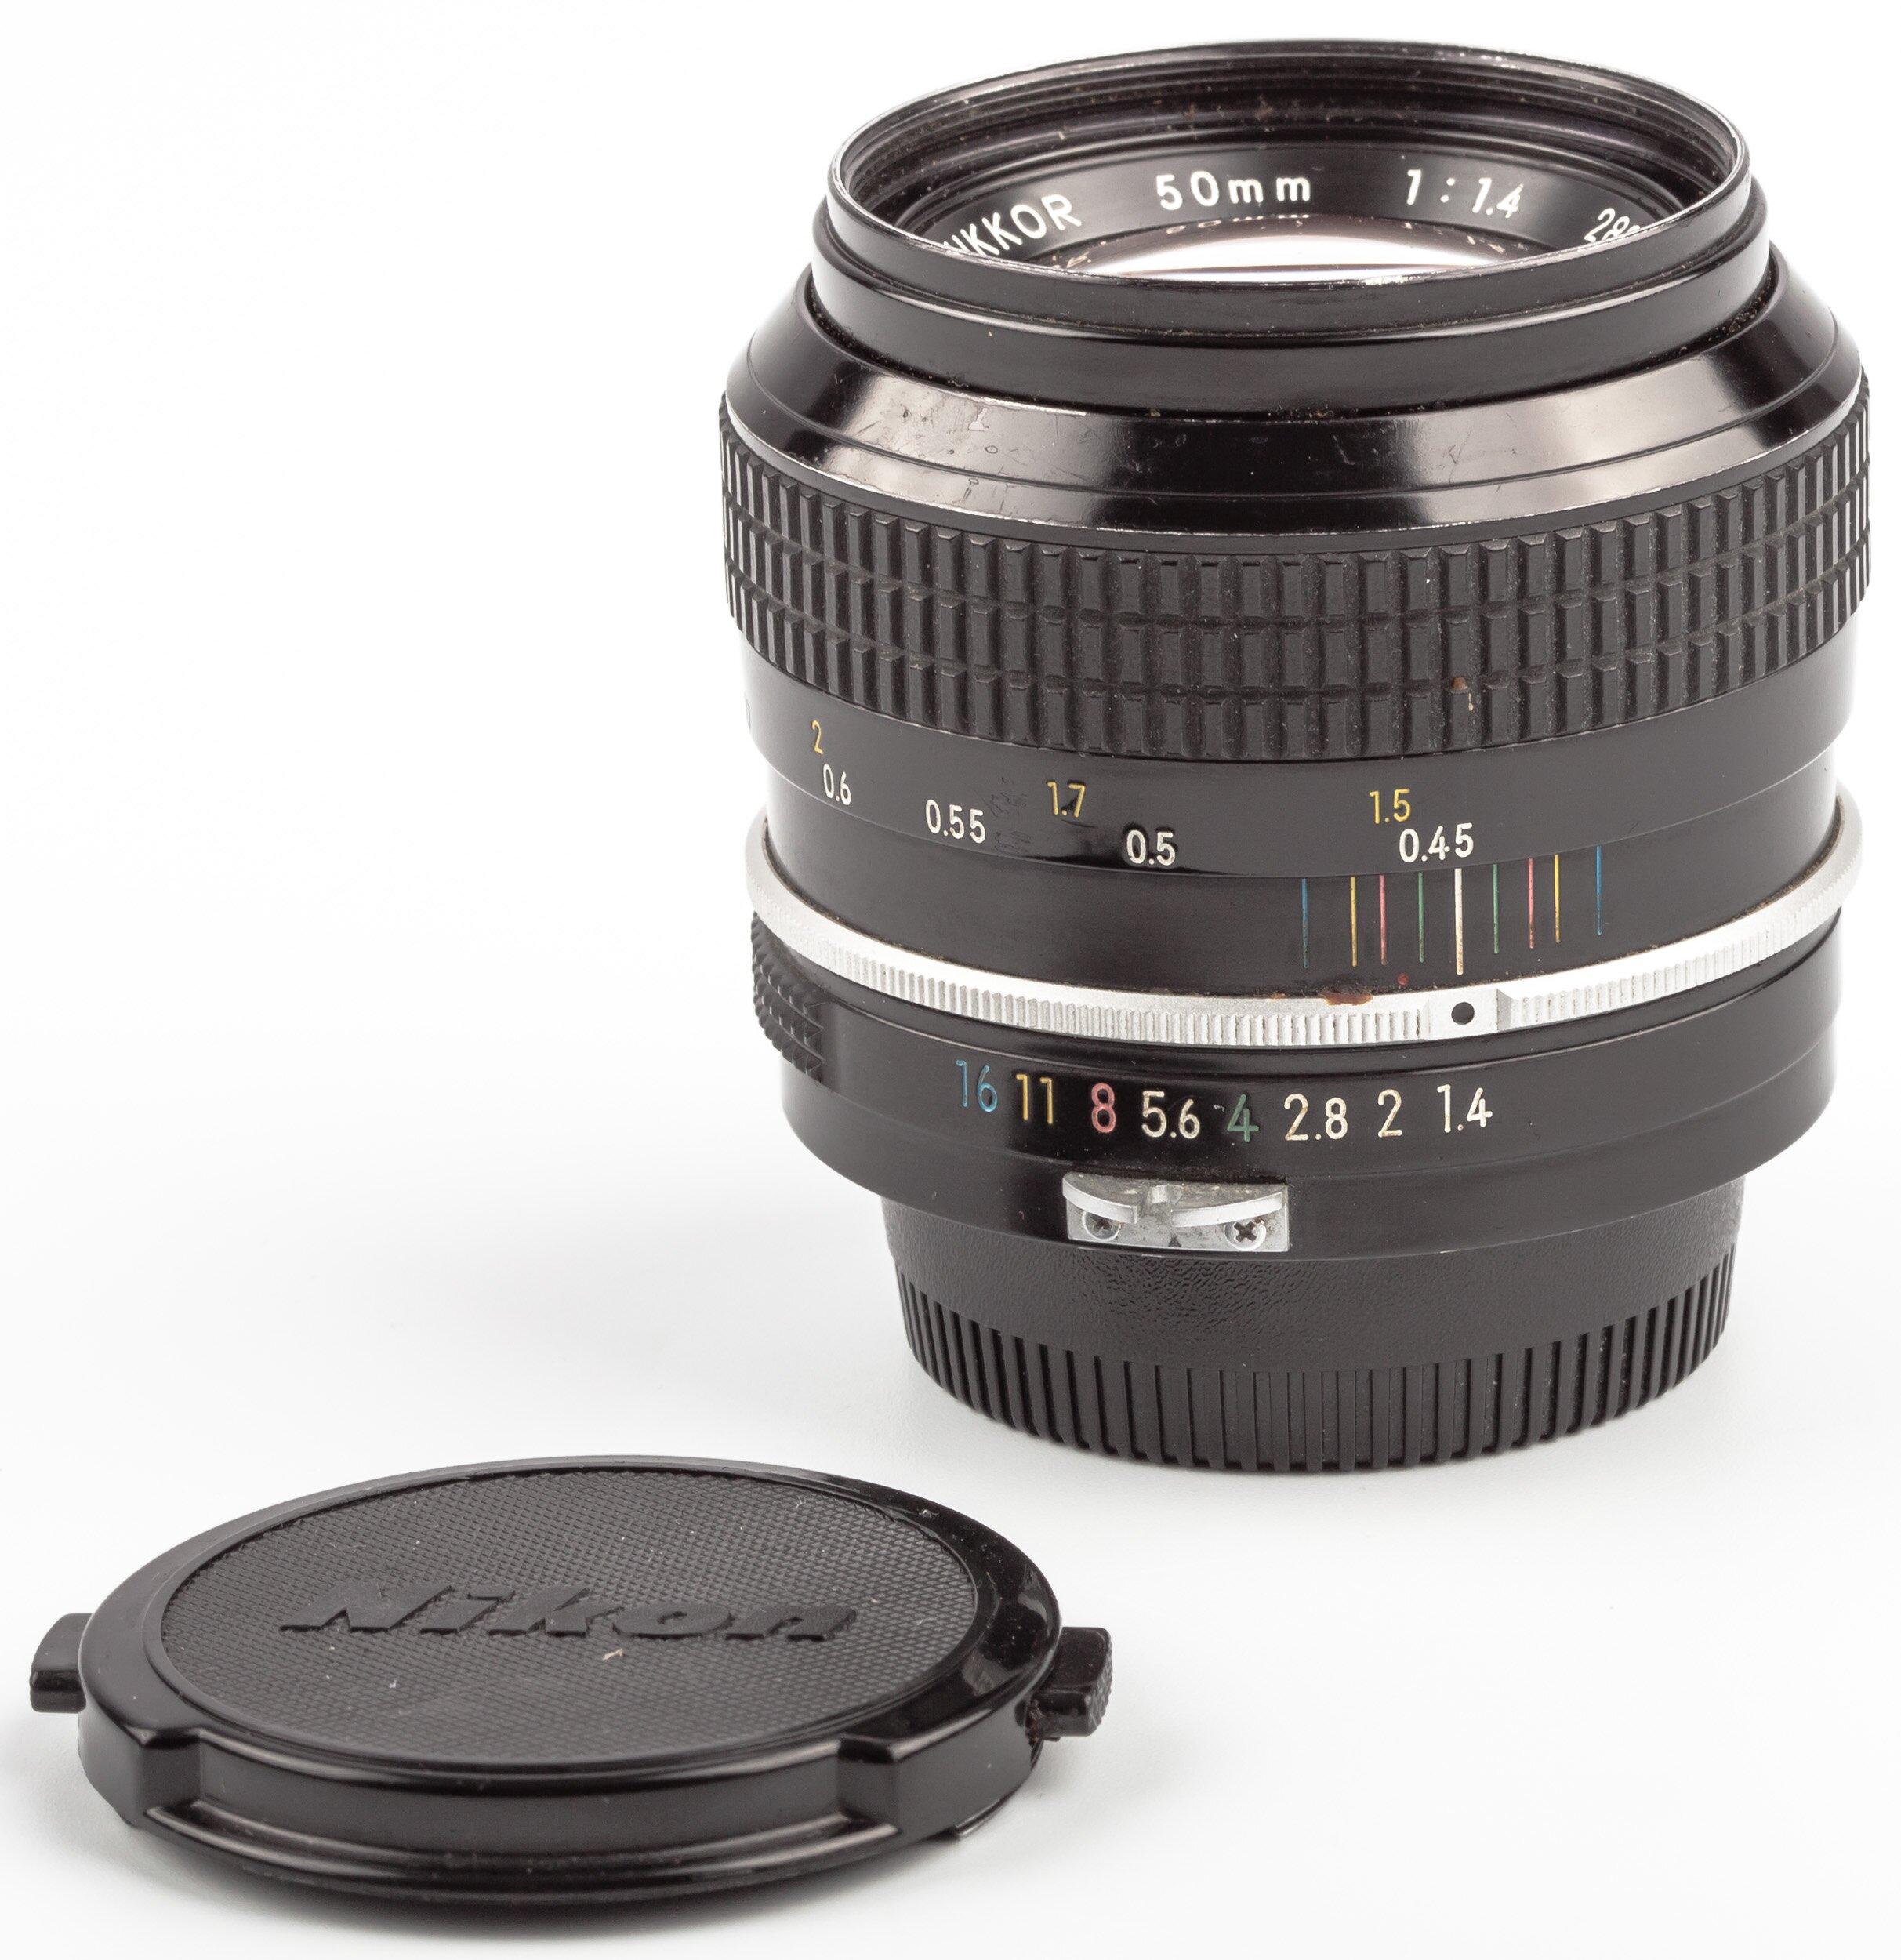 Nikon 50mm F1.4 Nikkor non AI